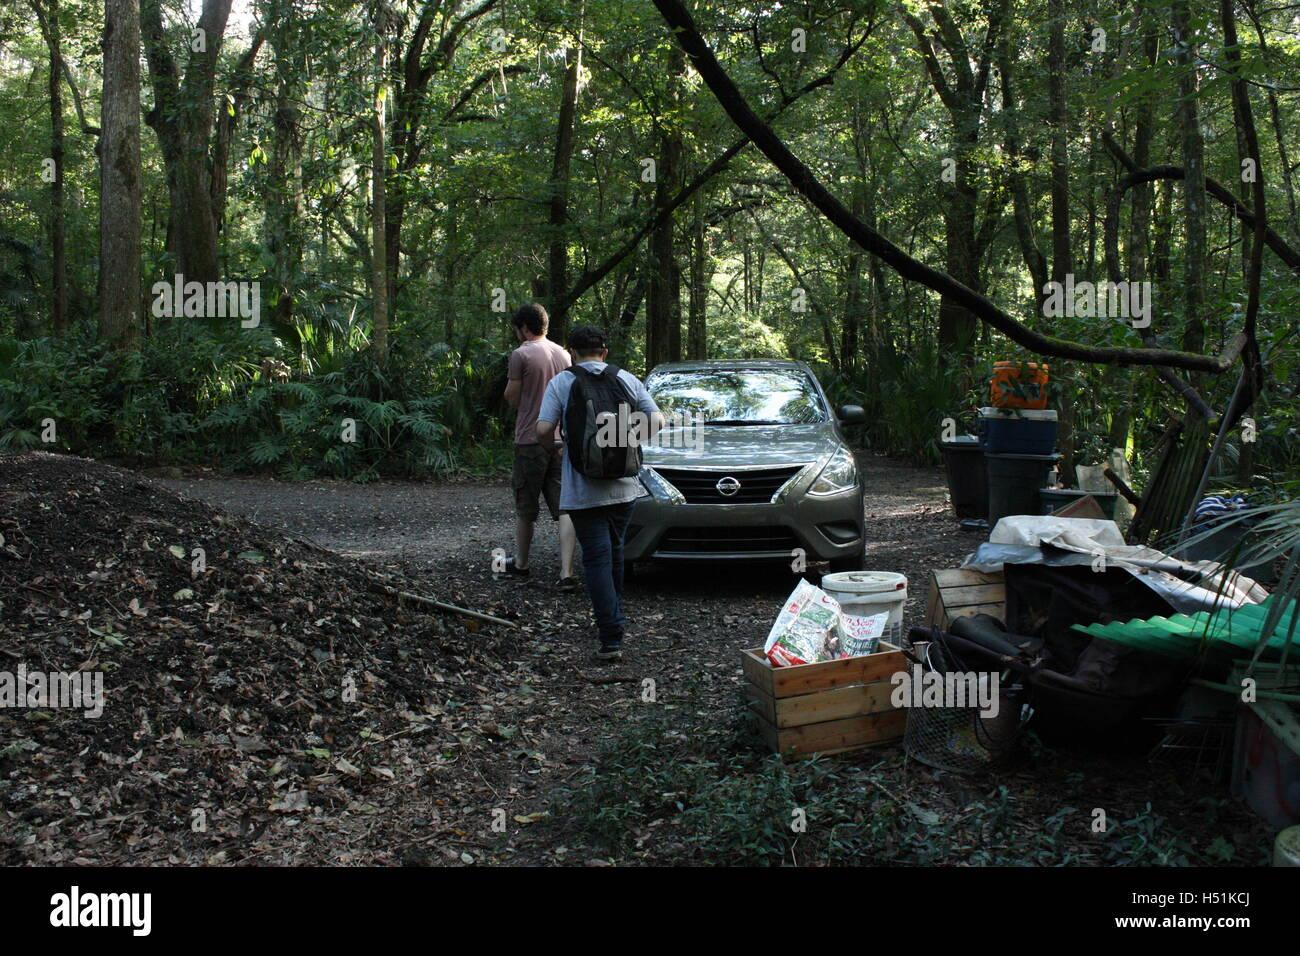 Sumpf / Regenwald in Florida schöne grüne Auto Bäume und Pflanzen 2 Personen zu Fuß durch Wald Stockbild